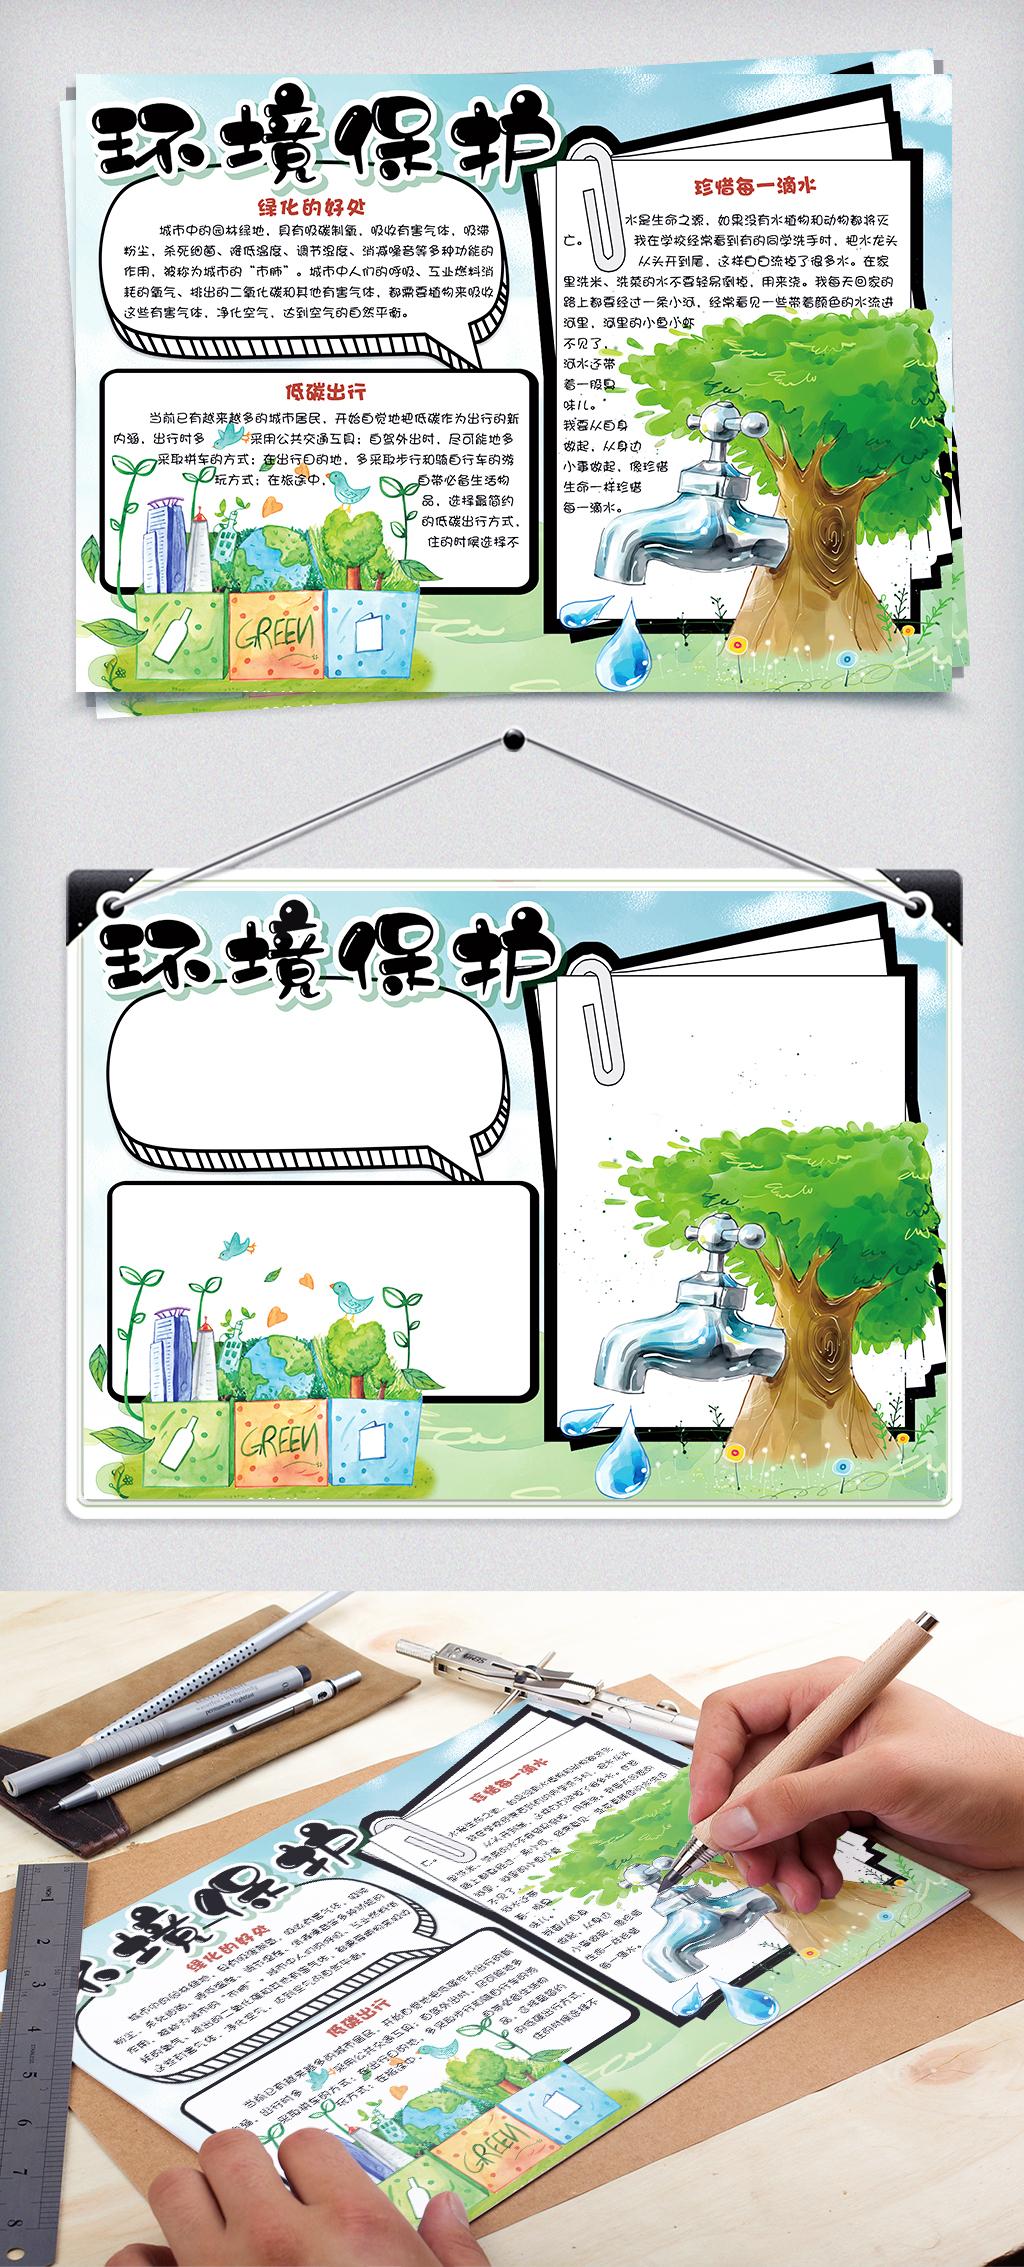 清新手绘风保护环境学生环保小报手抄报电子模板